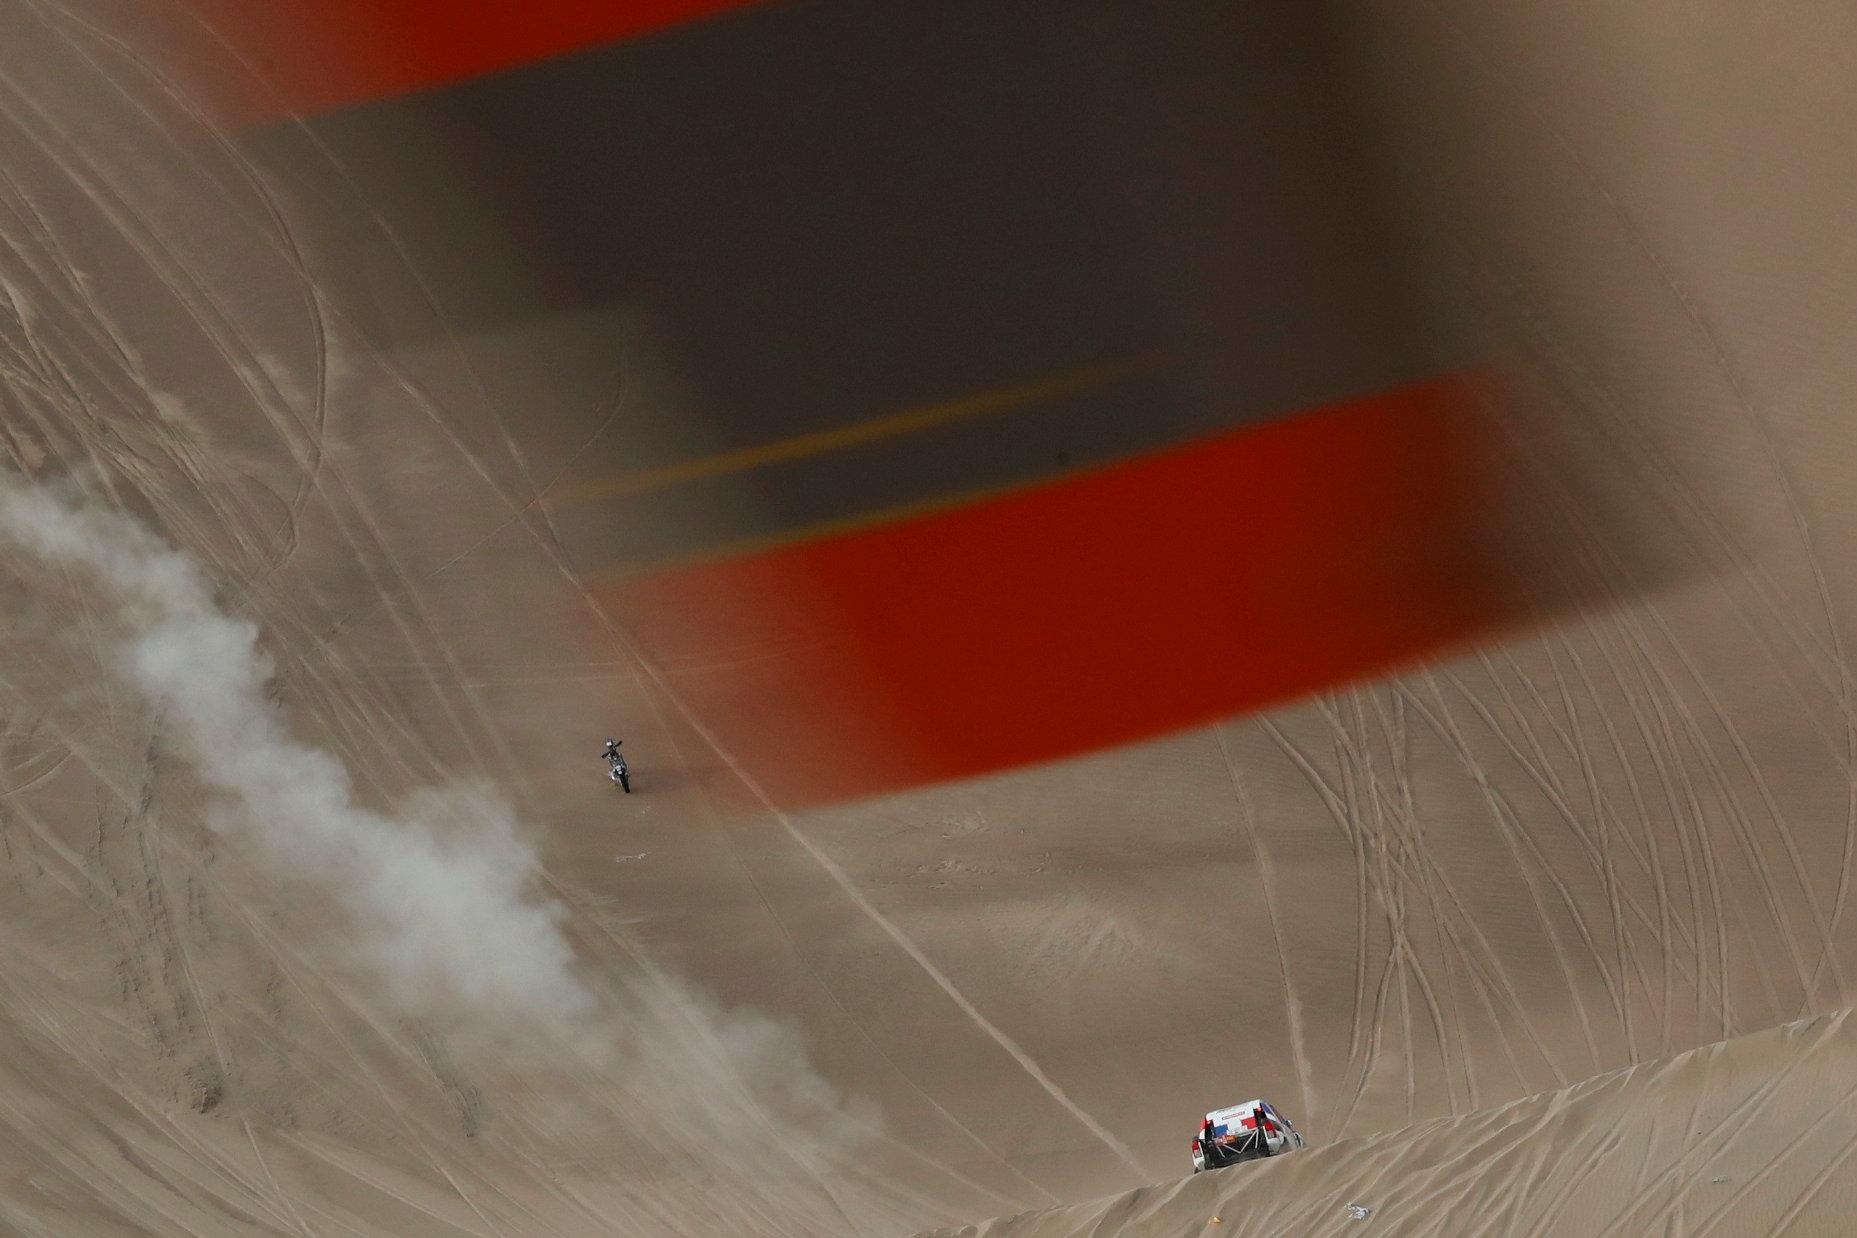 A través de un hélice de helicóptero se ve la Etapa 9 de Pisco, del Rally Dakar en Perú, 16 de enero de 2019.